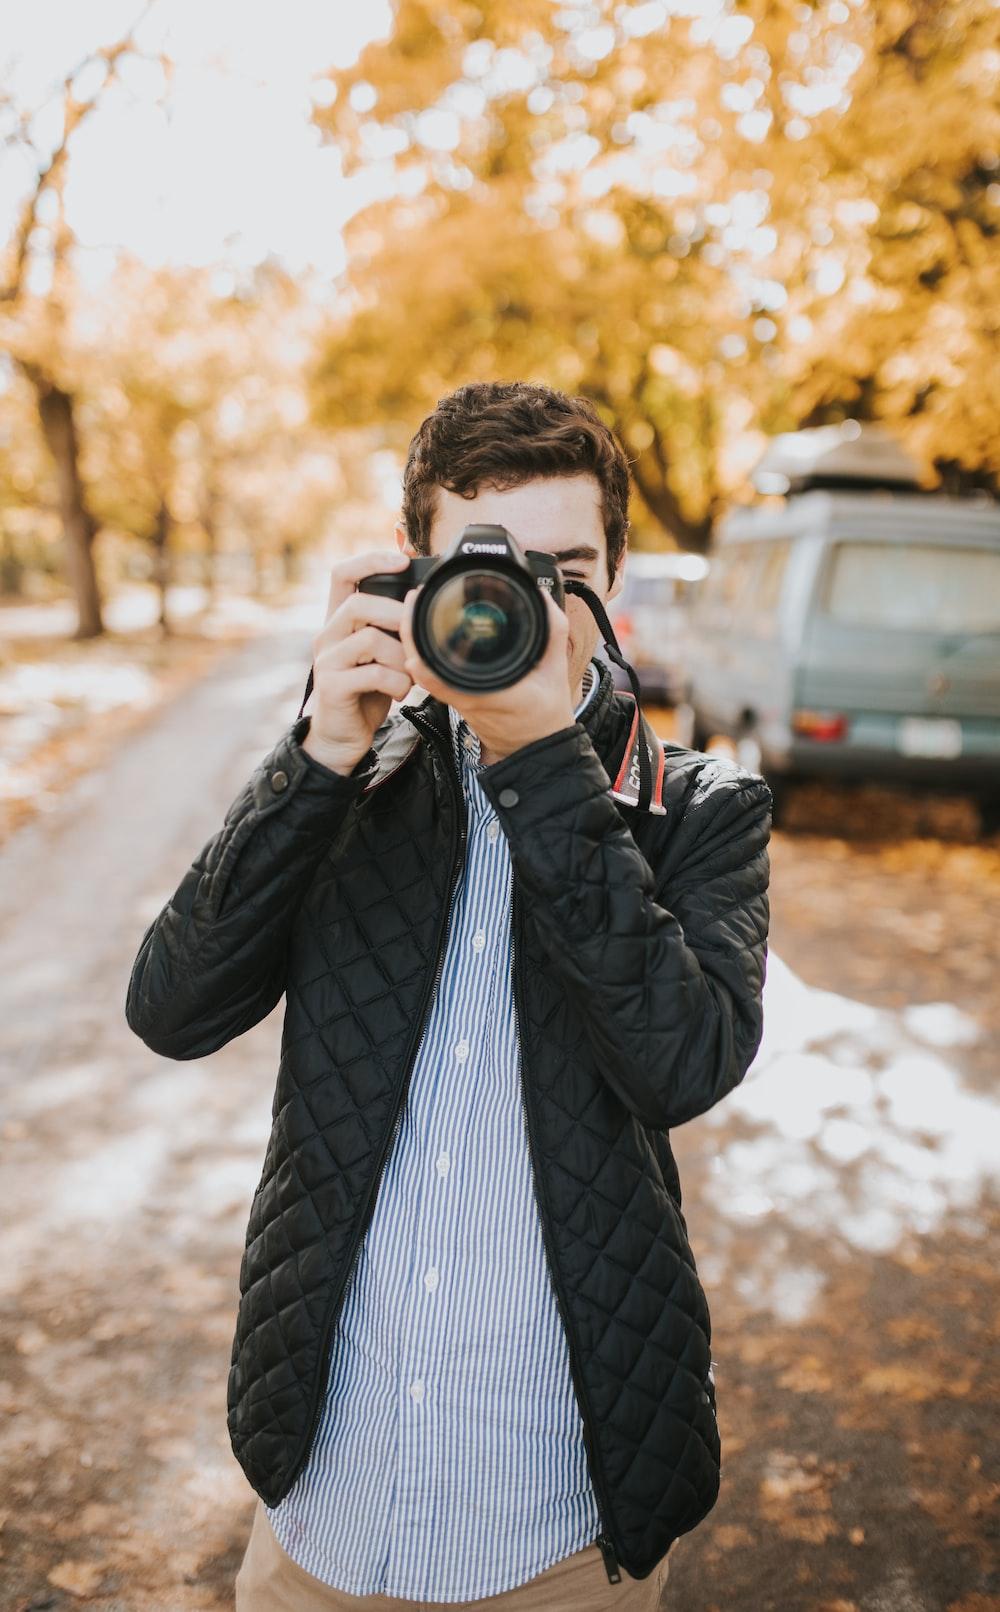 man taking photo during daytime